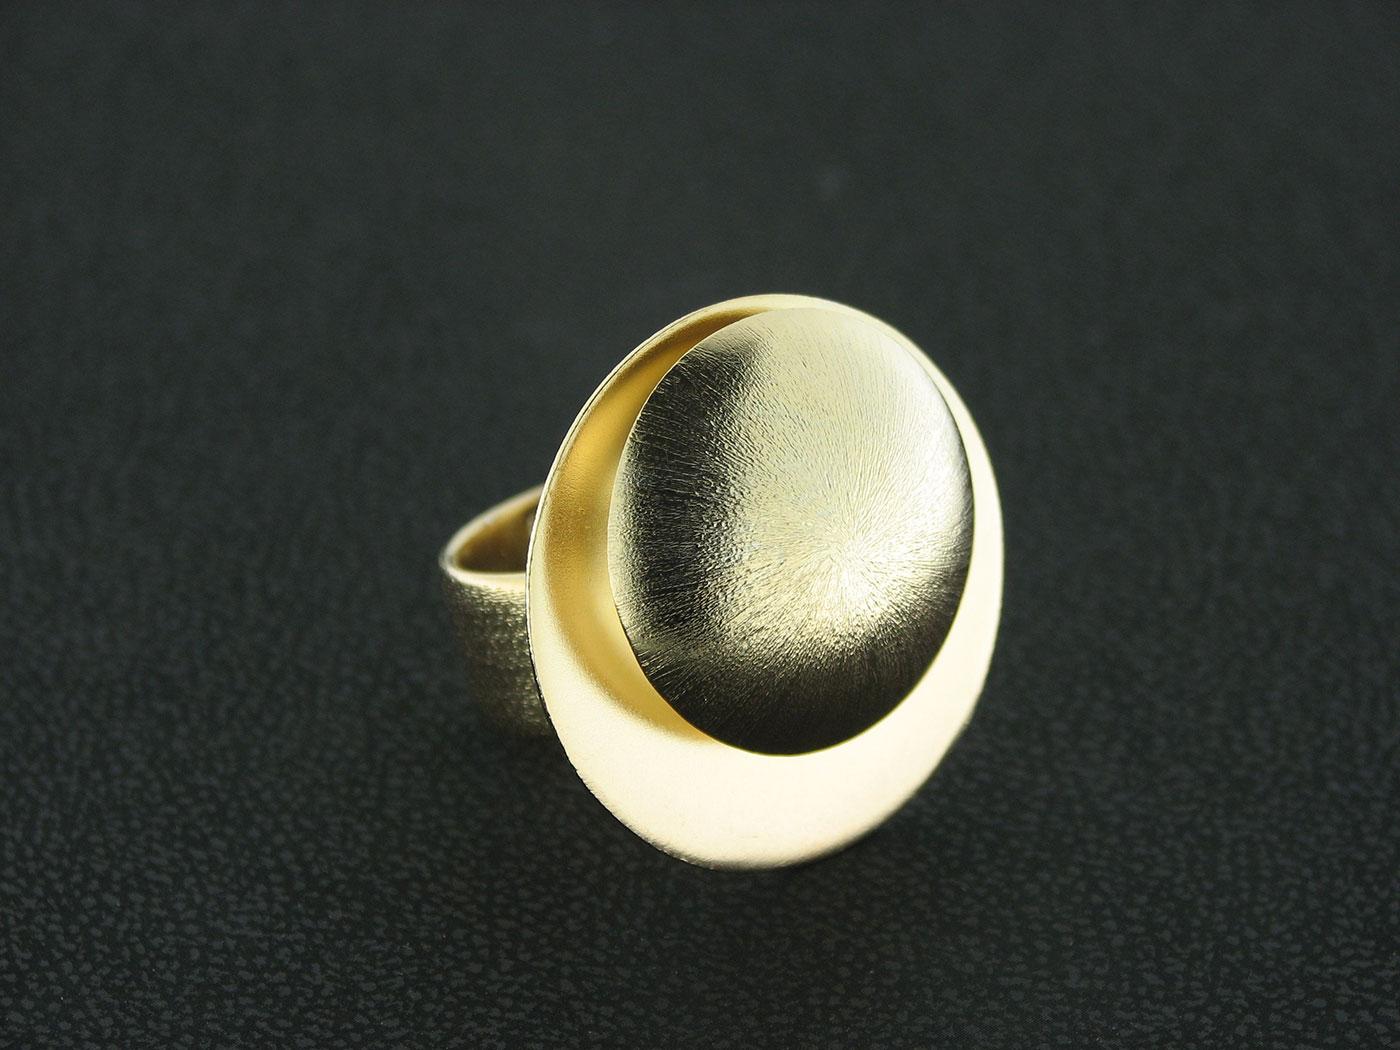 Δαχτυλίδι χειροποίητο από ασήμι 925 επιχρυσωμένο Τιμή 49,00€